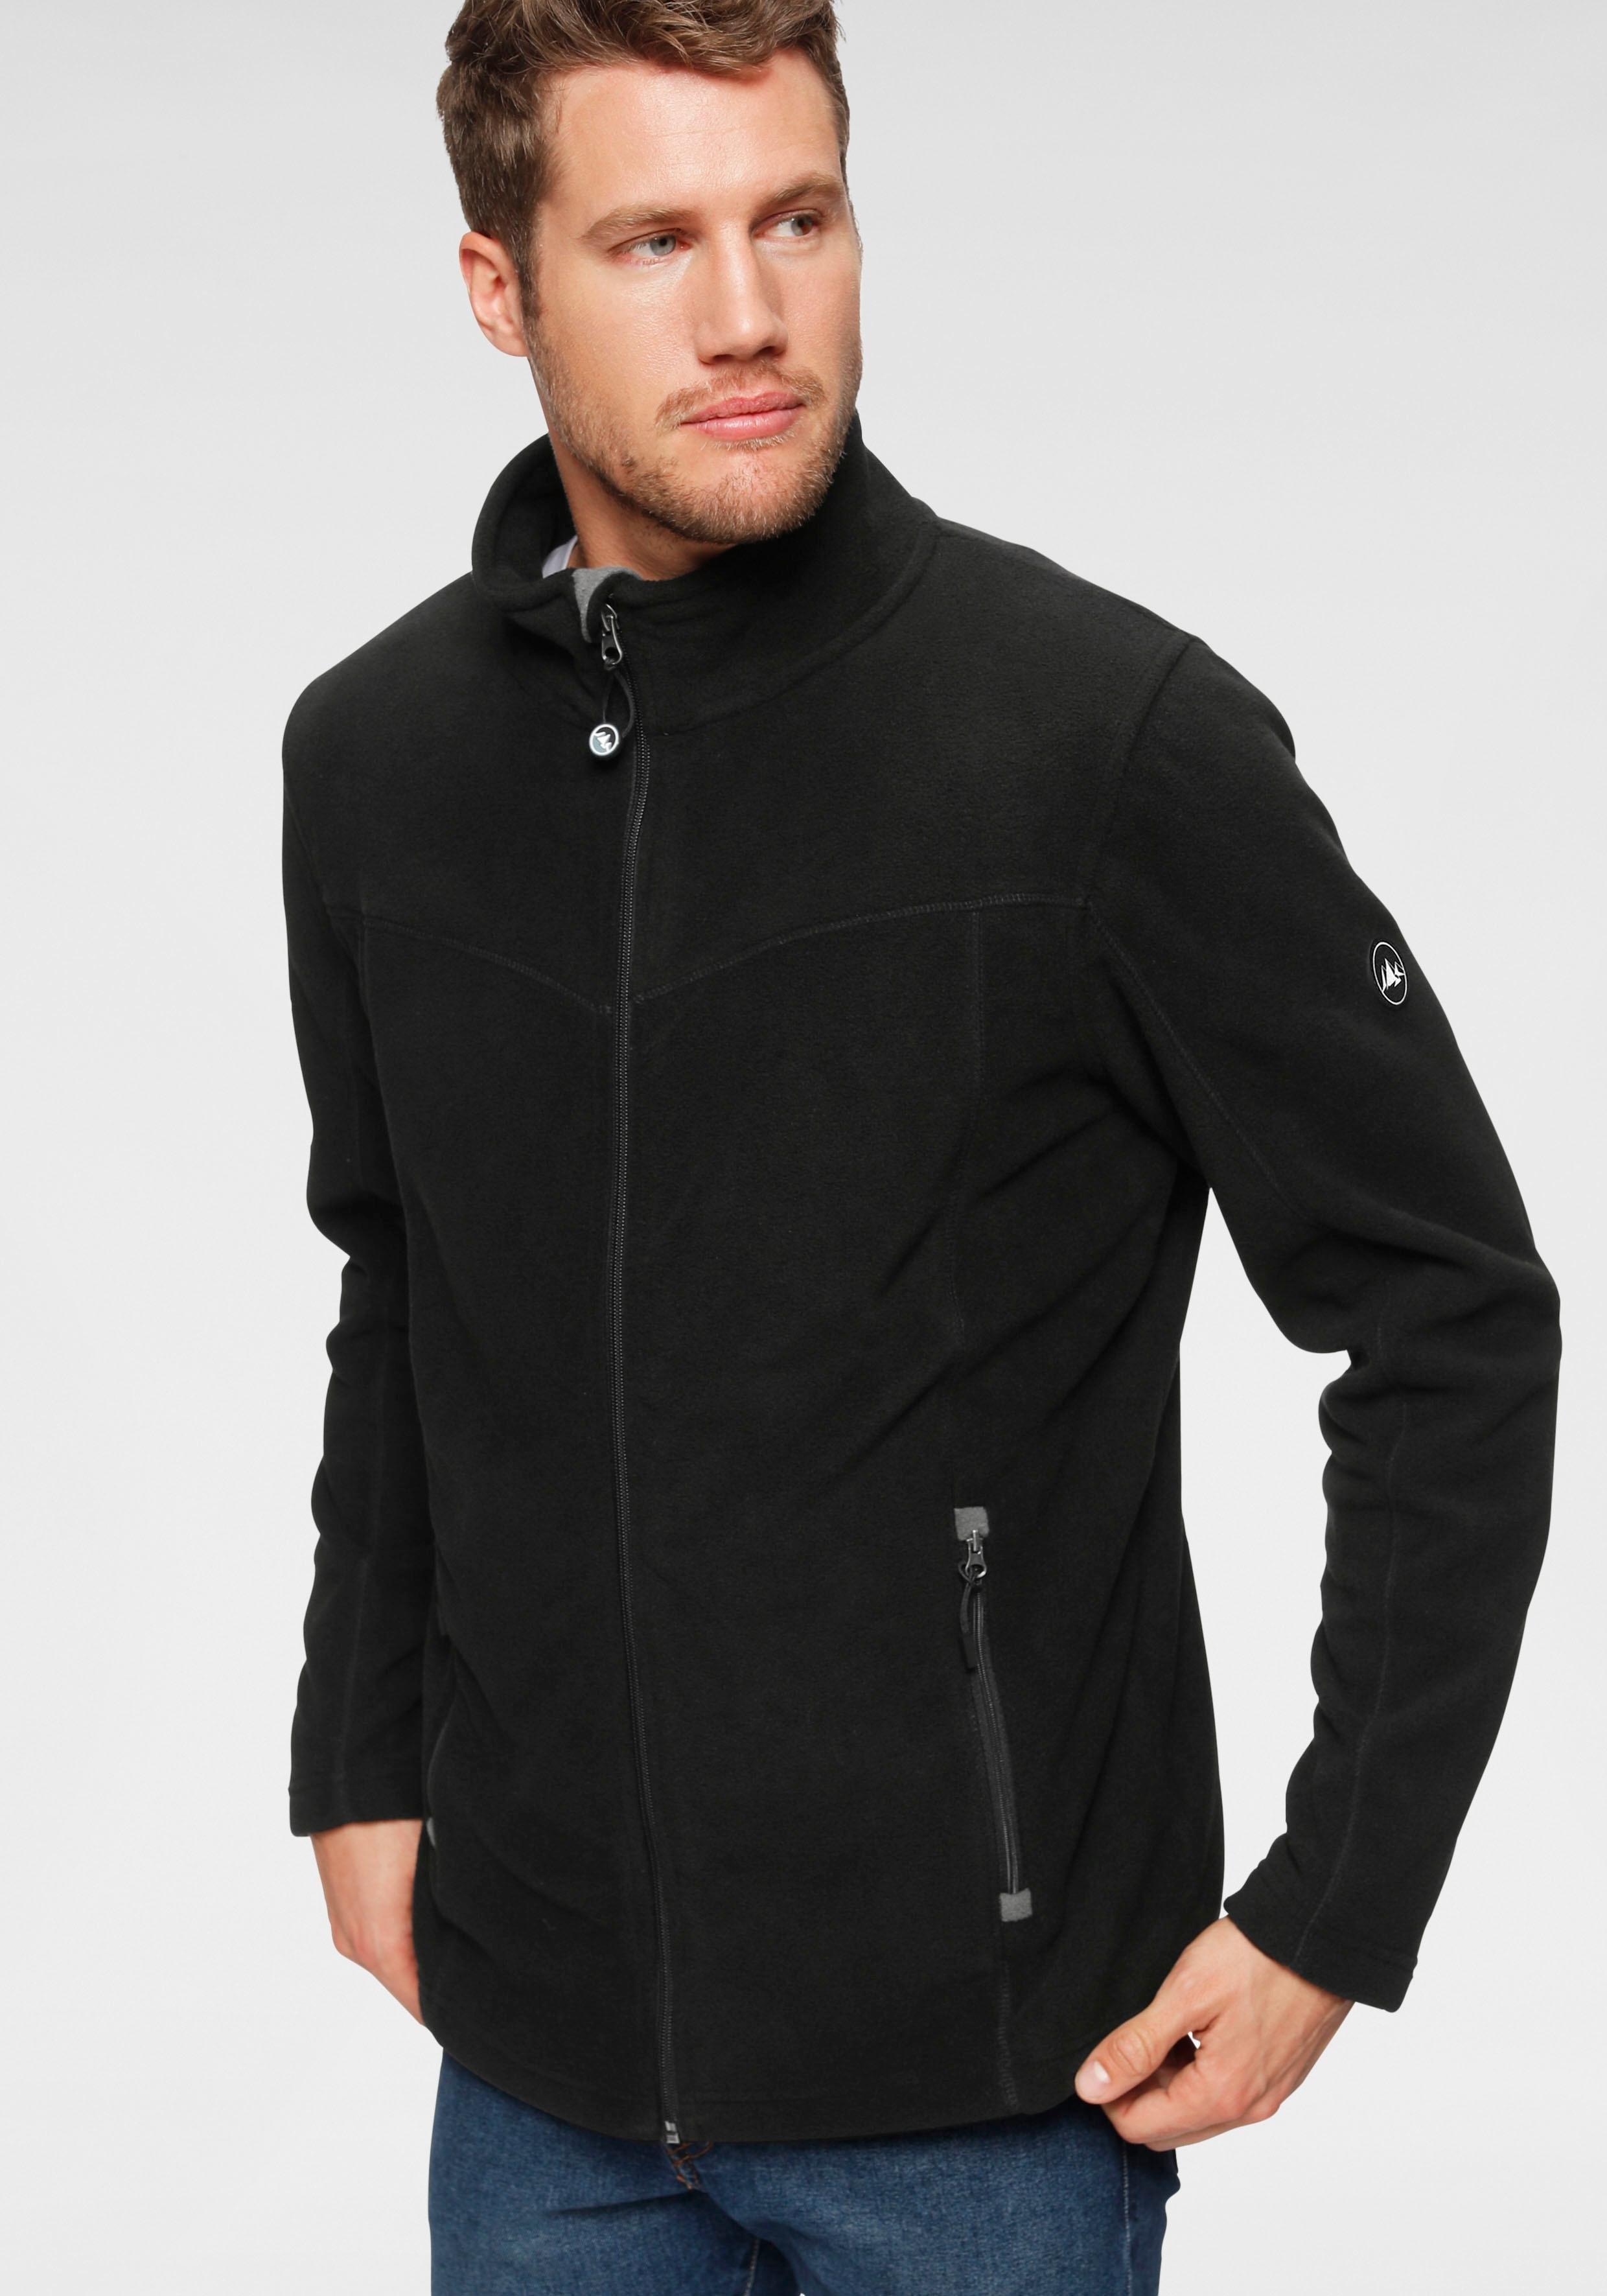 Polarino Fleece-jasje met staande kraag nu online bestellen